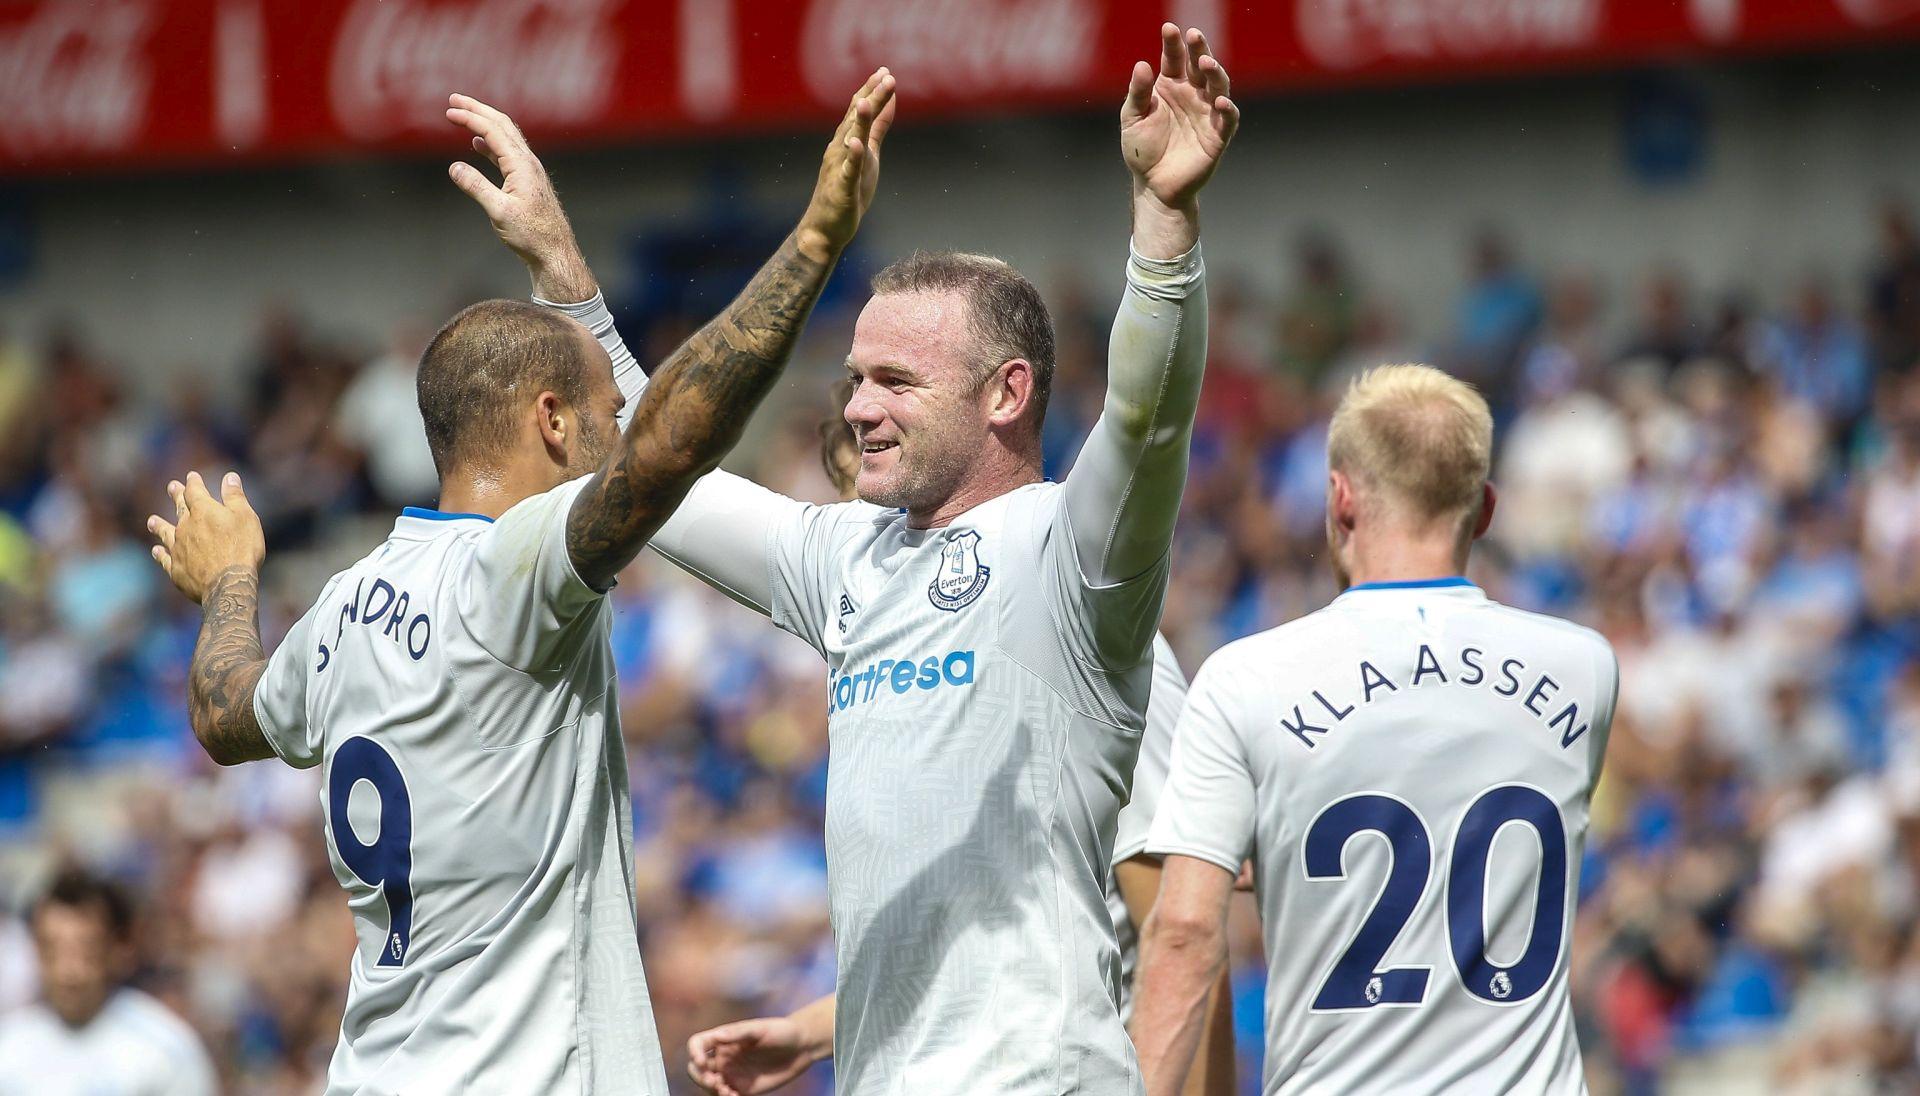 GOSTOVANJE NA POLJUDU Everton upozorio navijače na ponašanje u Splitu